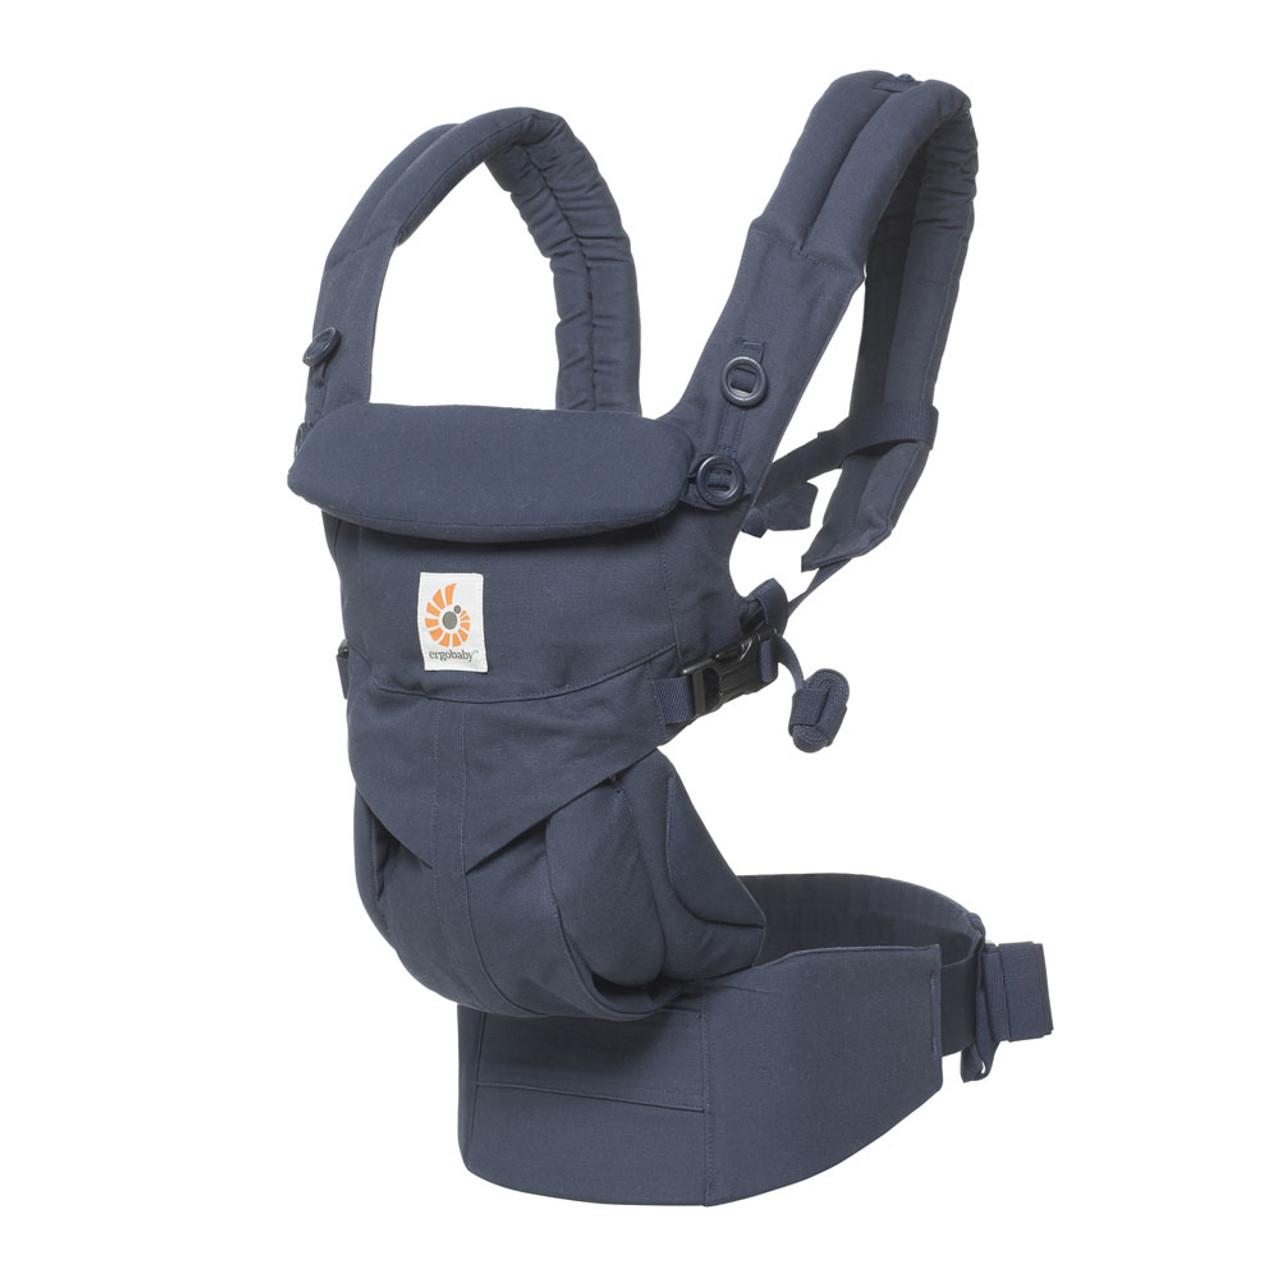 2ea3154afad Ergobaby Omni 360 Cool Air Mesh Baby Carrier - Midnight Blue - Dear-Born  Baby